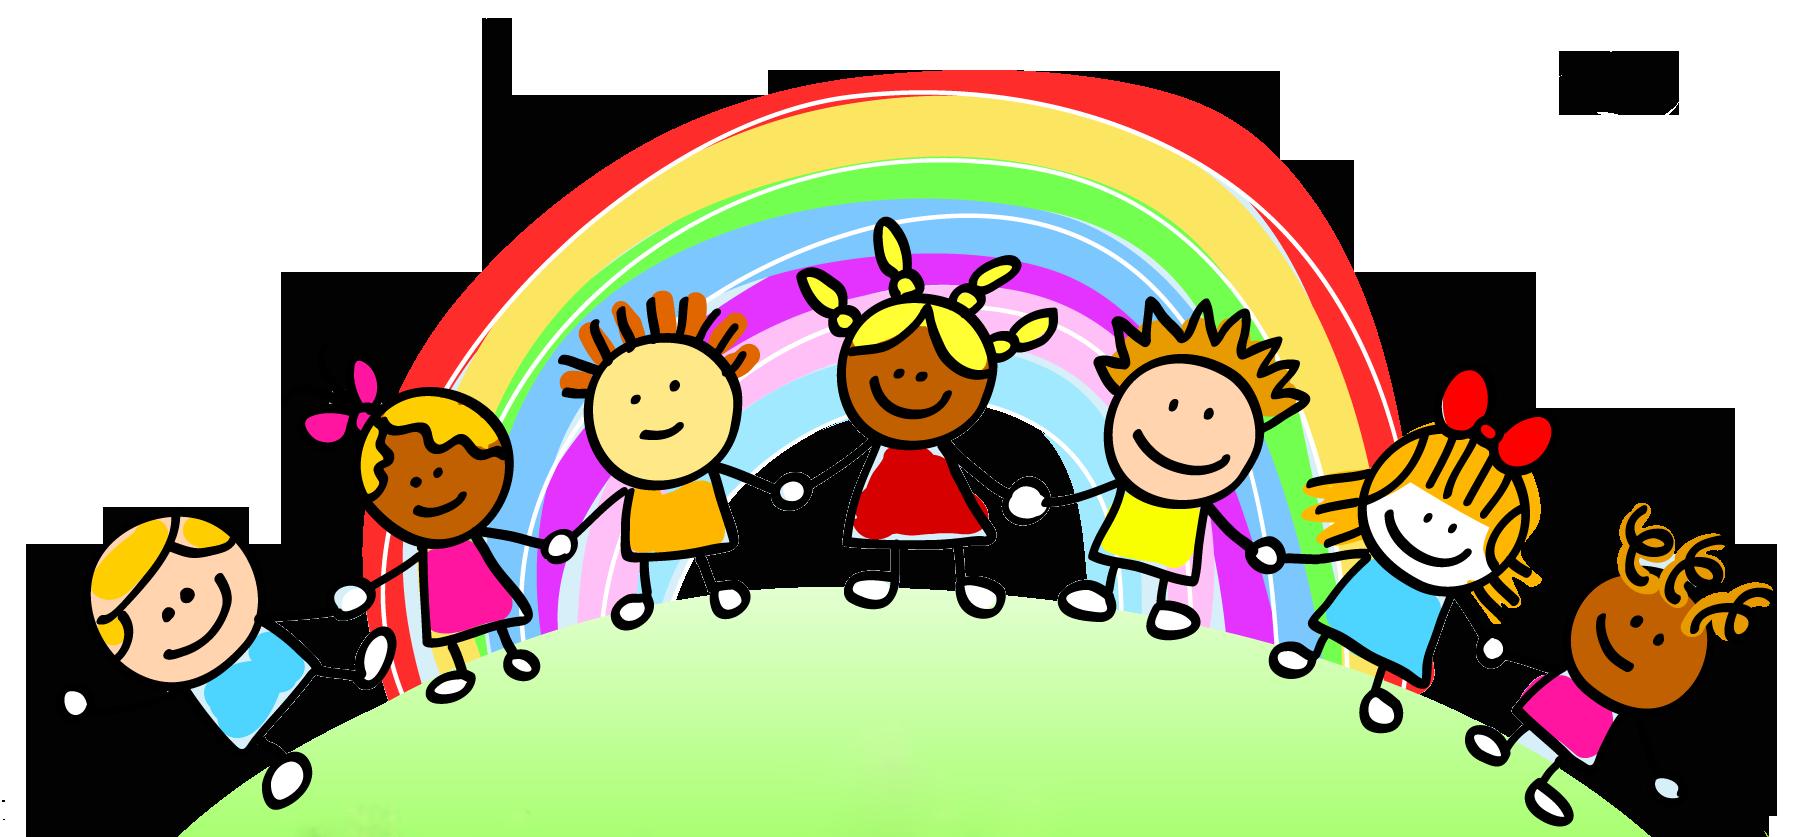 svg free stock Christian preschool lutheran church. Kindergarten clipart.